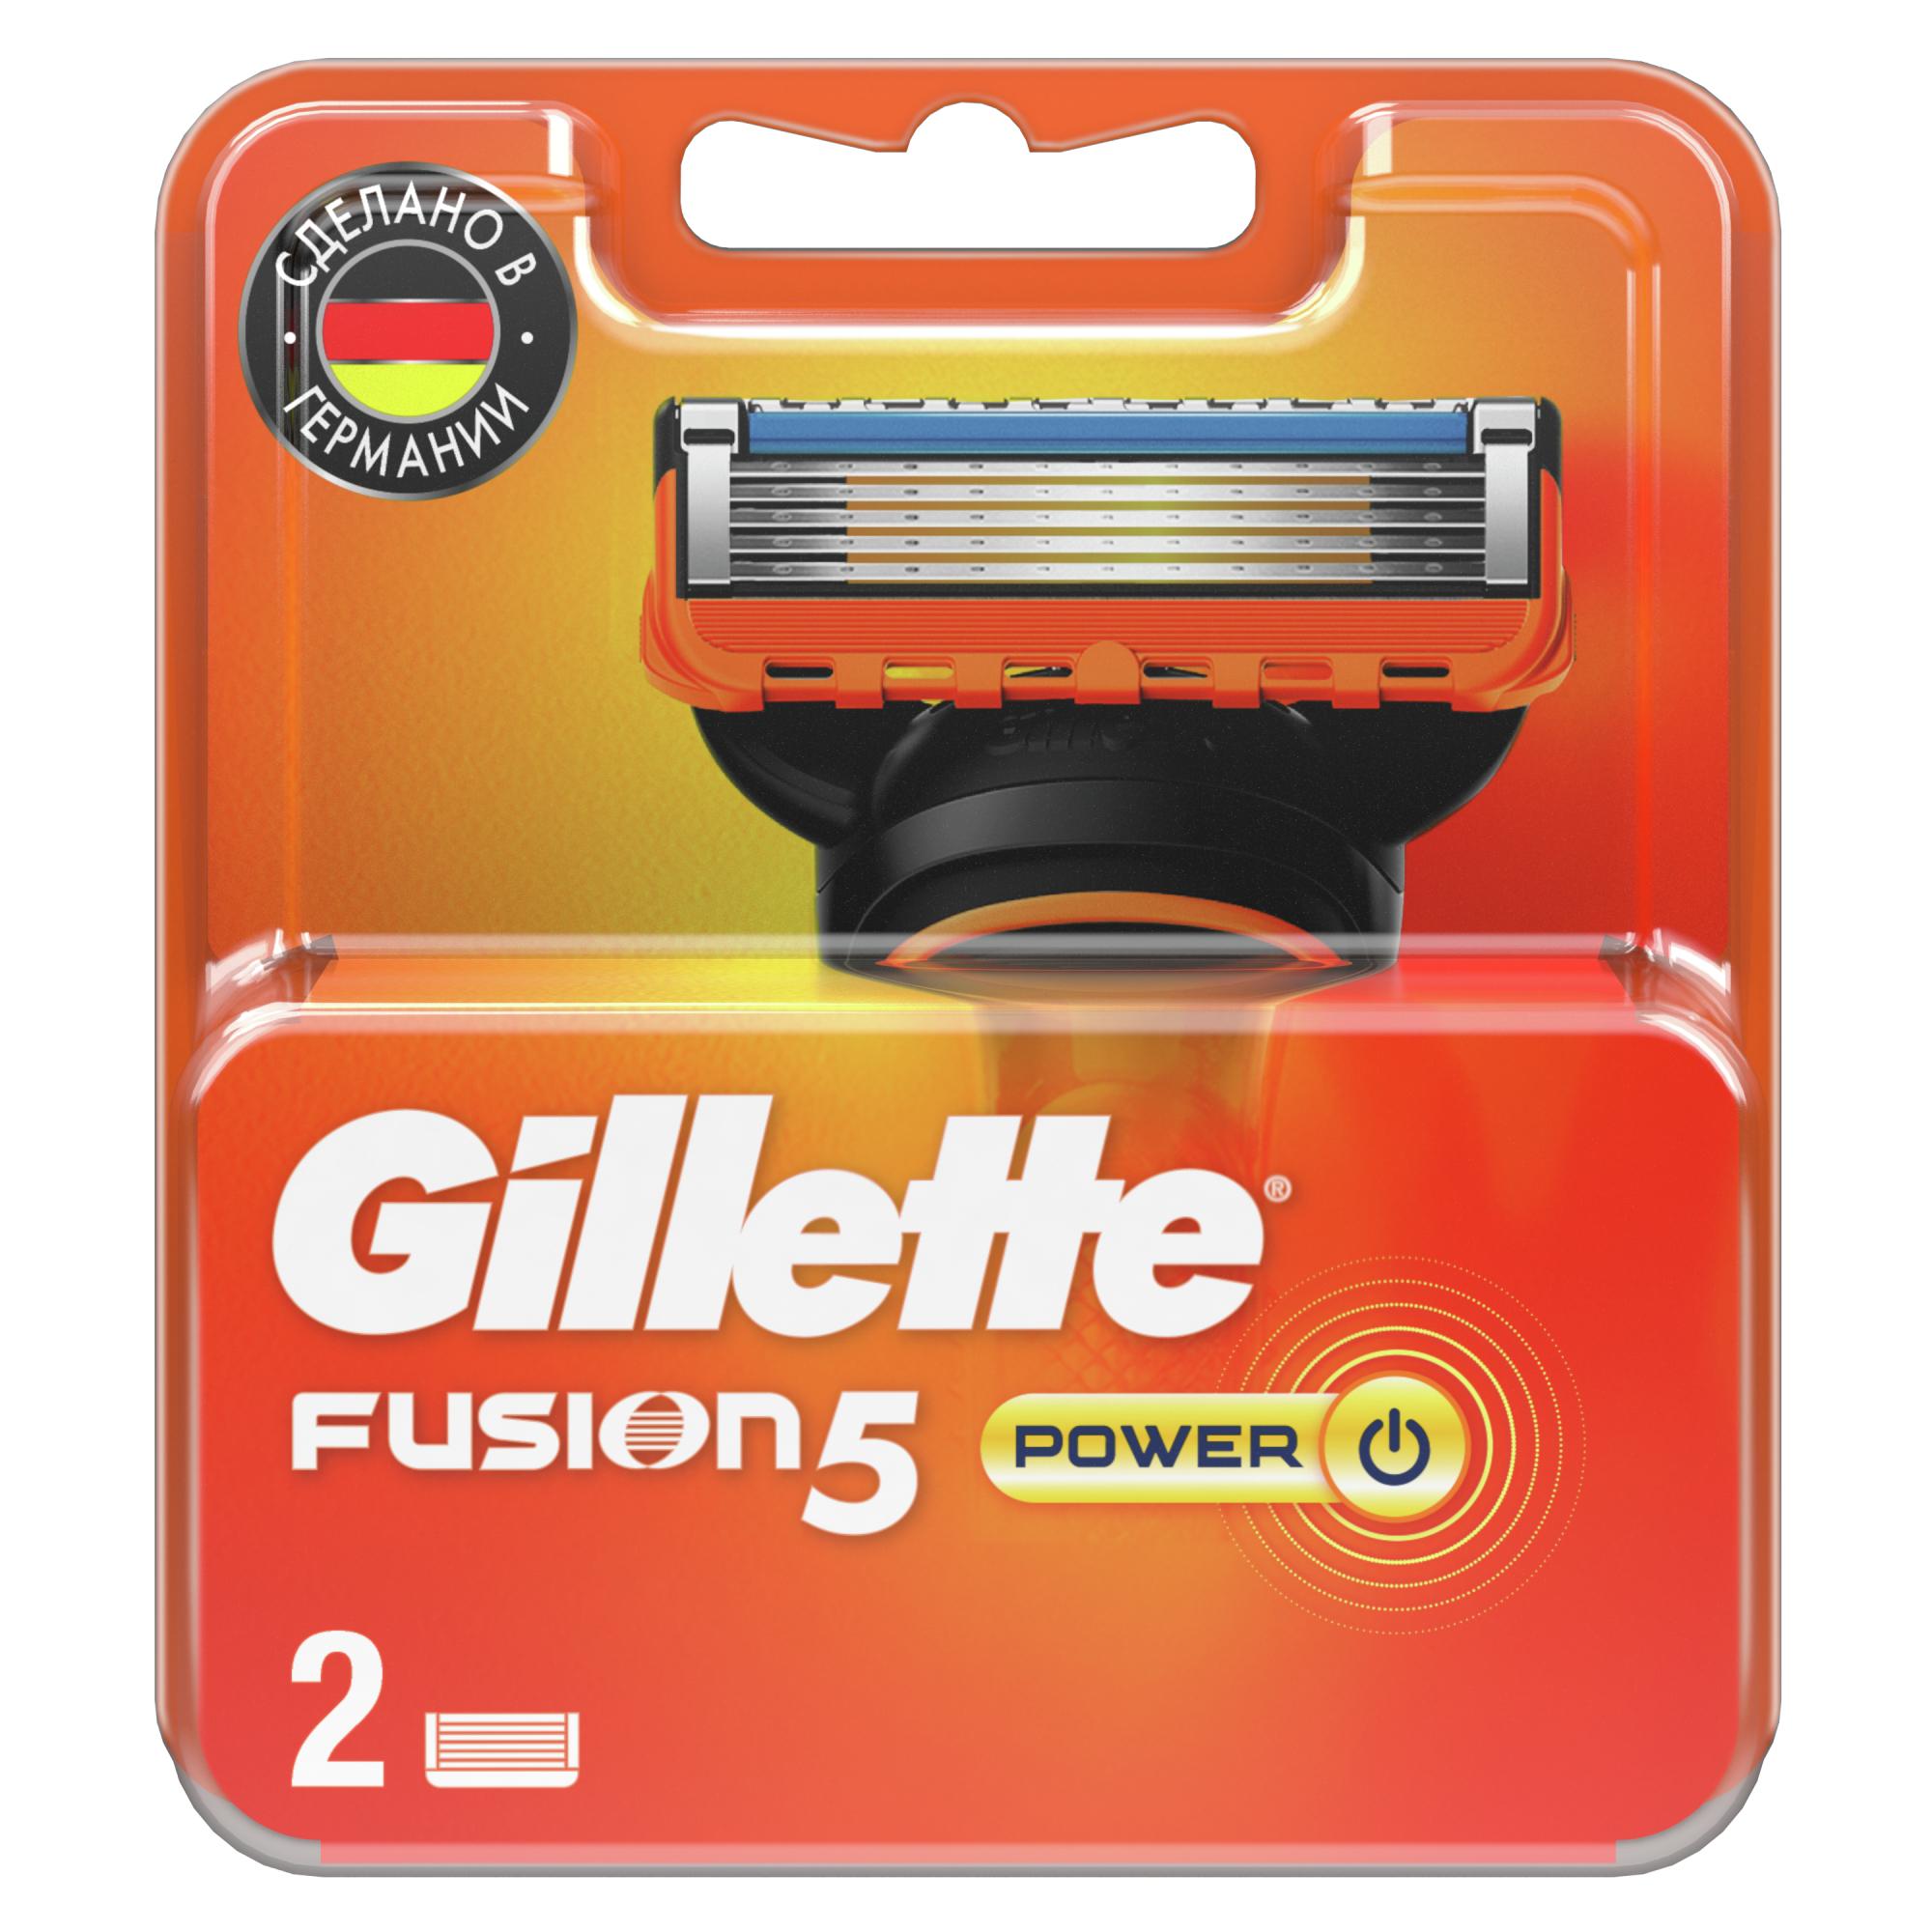 Сменные кассеты для станка Gillette Fusion Power 2 шт.